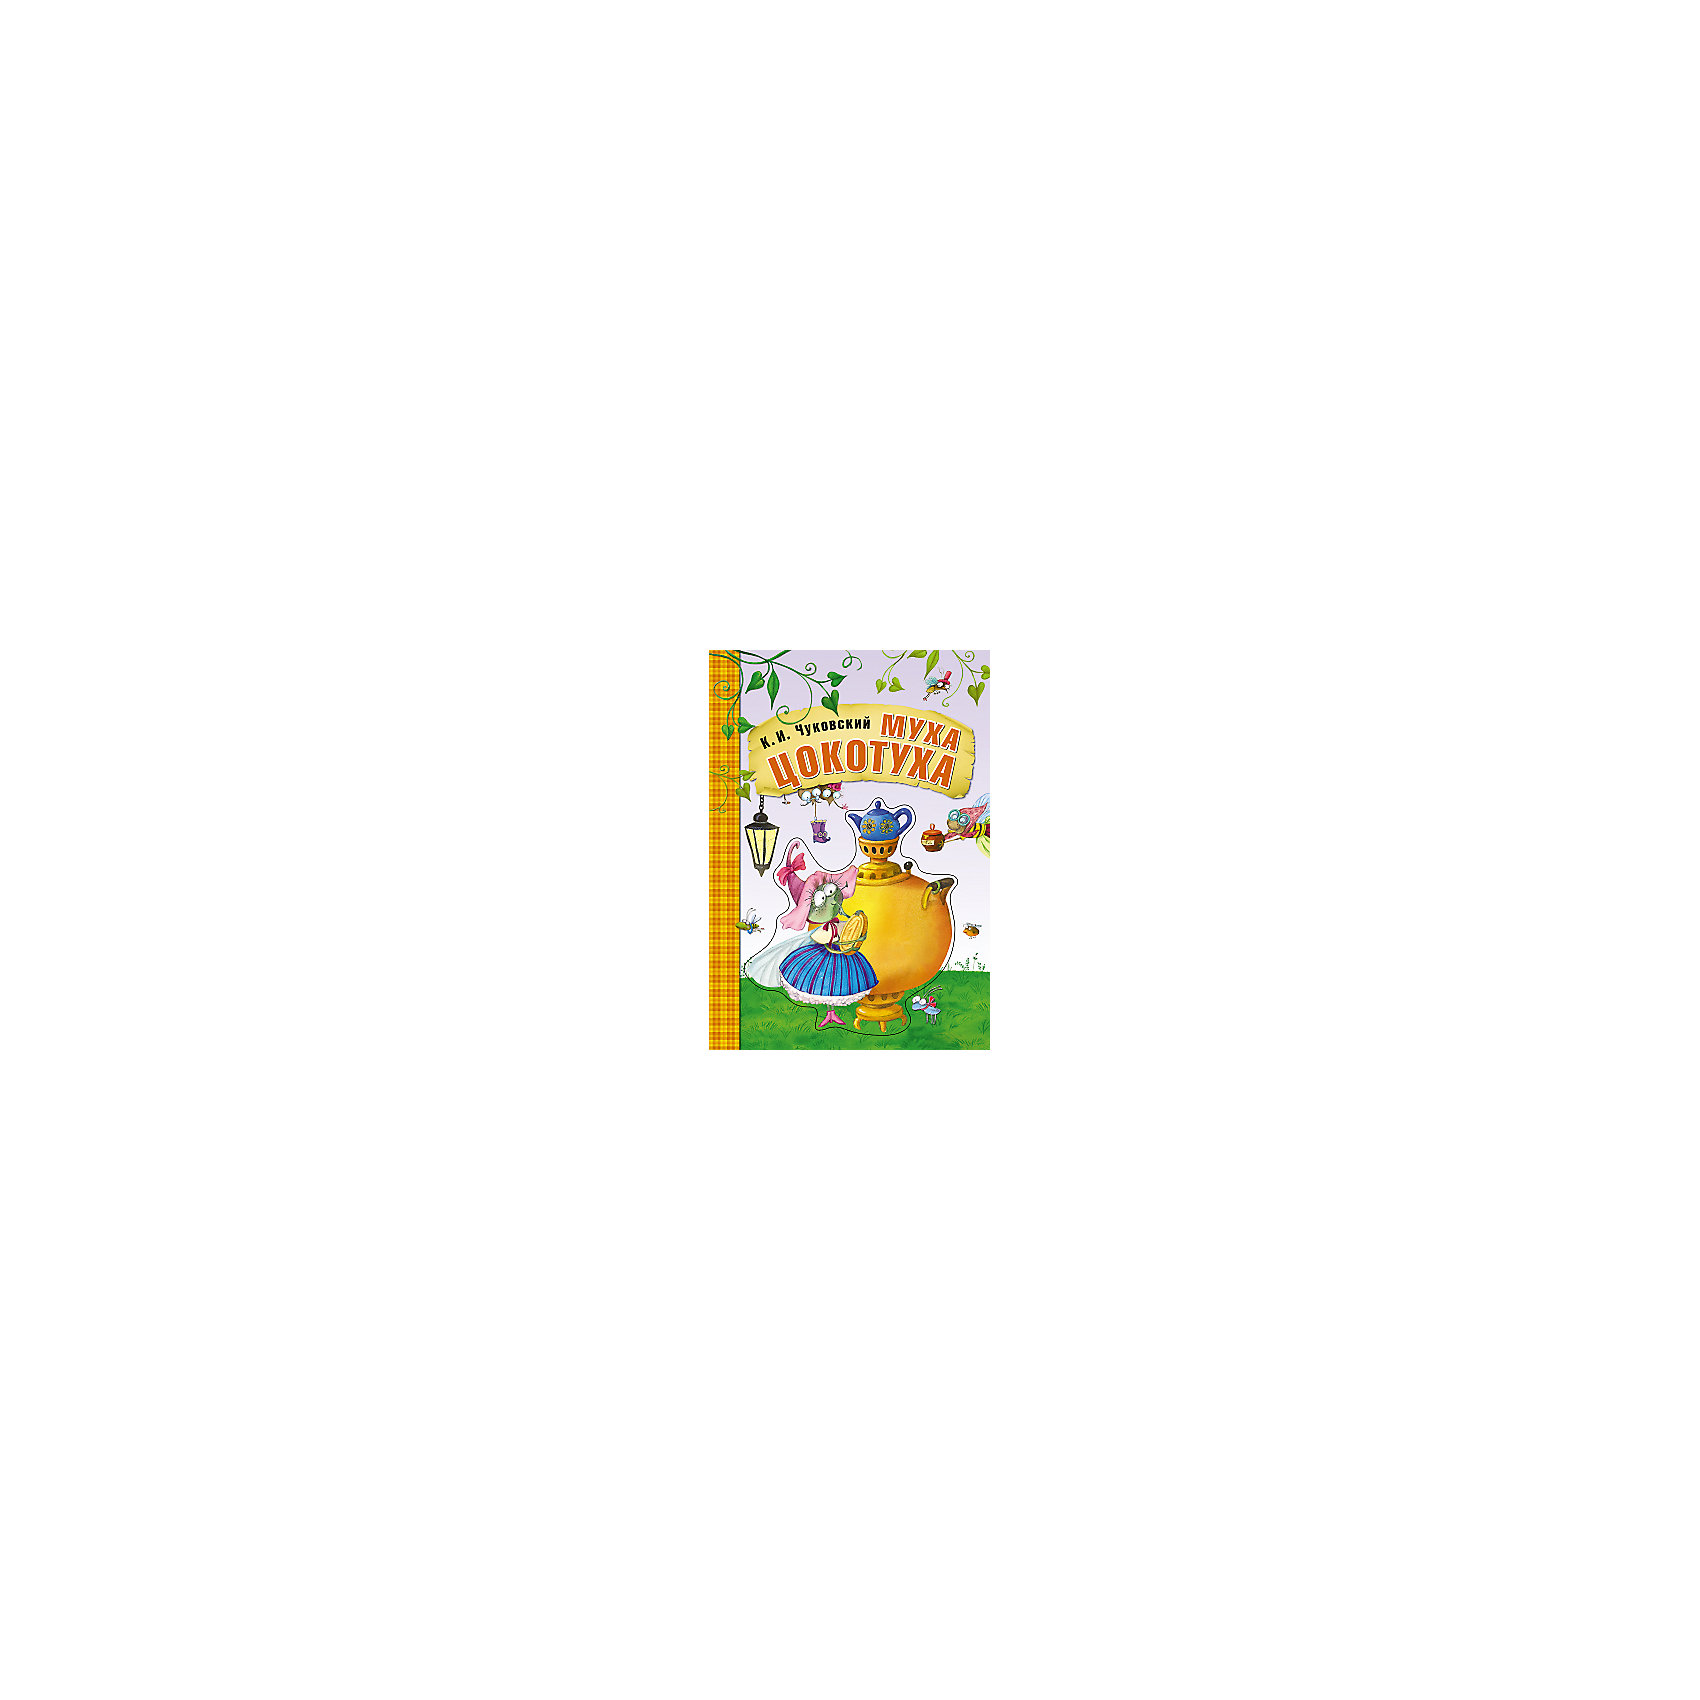 Муха-Цокотуха, картон, К.И. ЧуковскийРусские сказки<br>Эта замечательная книга на плотном картоне с иллюстрациями Л. Ереминой обязательно станет любимой!<br>Сказка Корнея Ивановича Чуковского «Муха-Цокотуха» знакома всем с детства. <br>Книга с красочными иллюстрациями на плотном картоне с фигурной объемной вставкой на обложке обязательно понравится вашему малышу и займет достойное место в домашней библиотеке.<br><br>Ширина мм: 100<br>Глубина мм: 190<br>Высота мм: 270<br>Вес г: 309<br>Возраст от месяцев: 12<br>Возраст до месяцев: 84<br>Пол: Унисекс<br>Возраст: Детский<br>SKU: 5523238